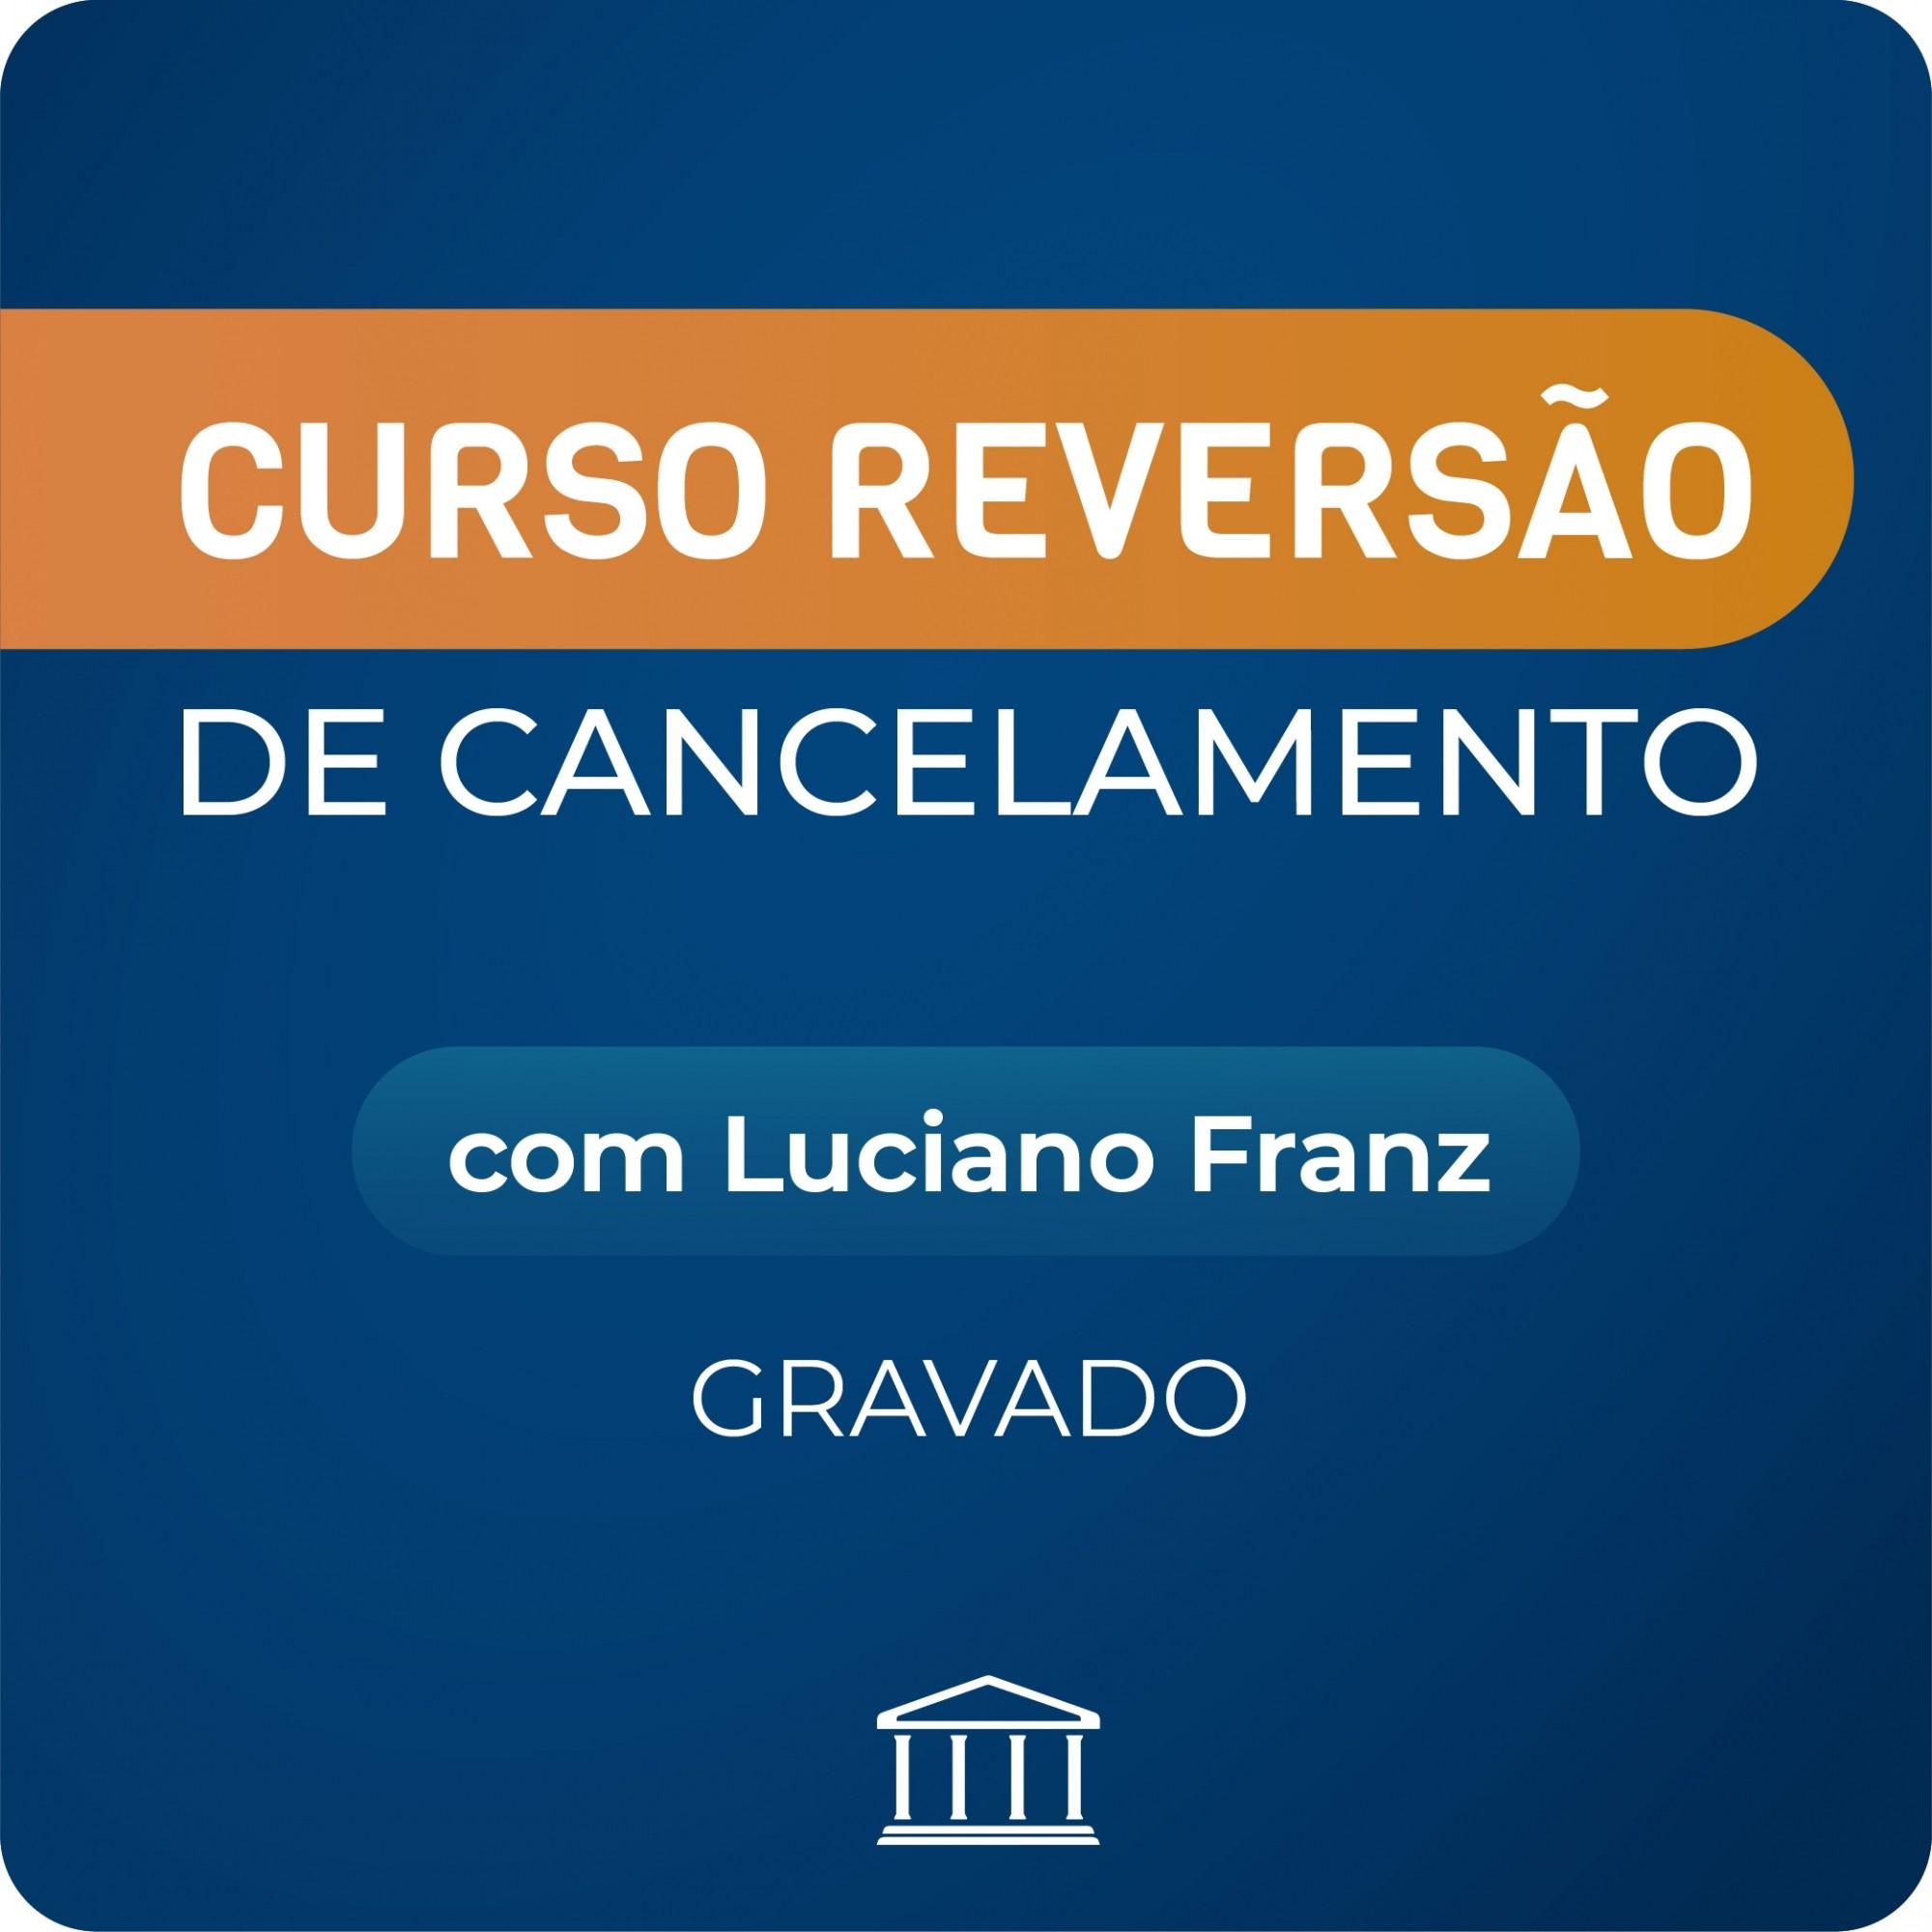 Reversão de Cancelamento - com Luciano Franz - GRAVADO  - Voz e Dados